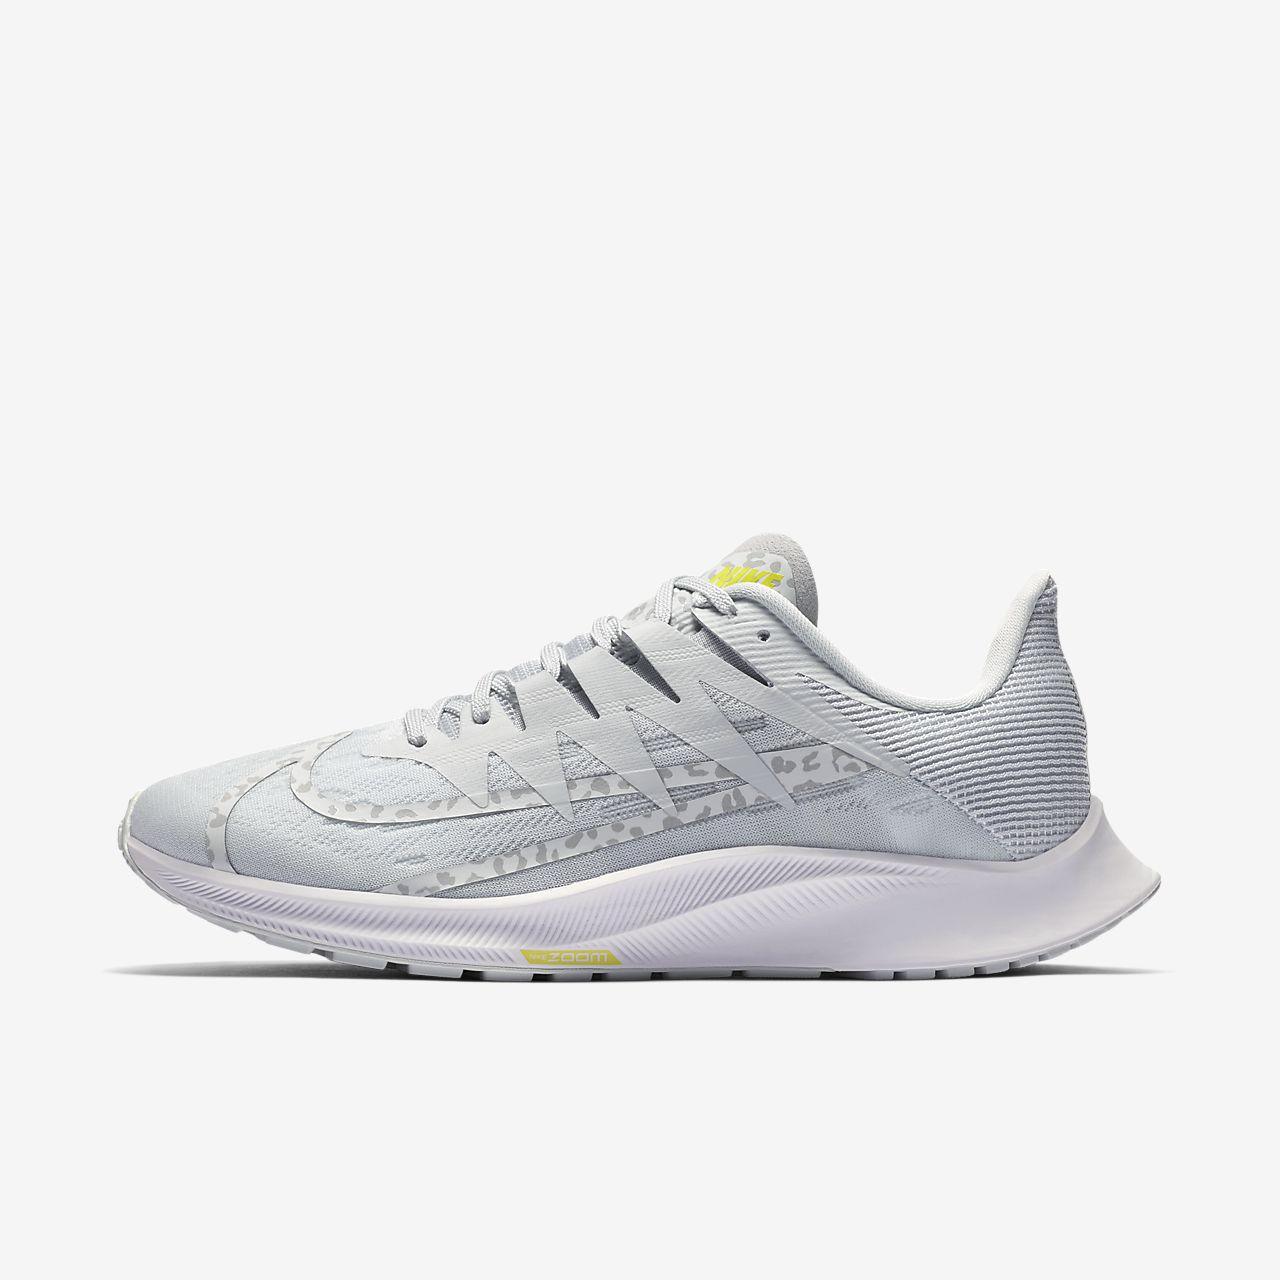 Scarpa da running Nike Zoom Rival Fly - Donna